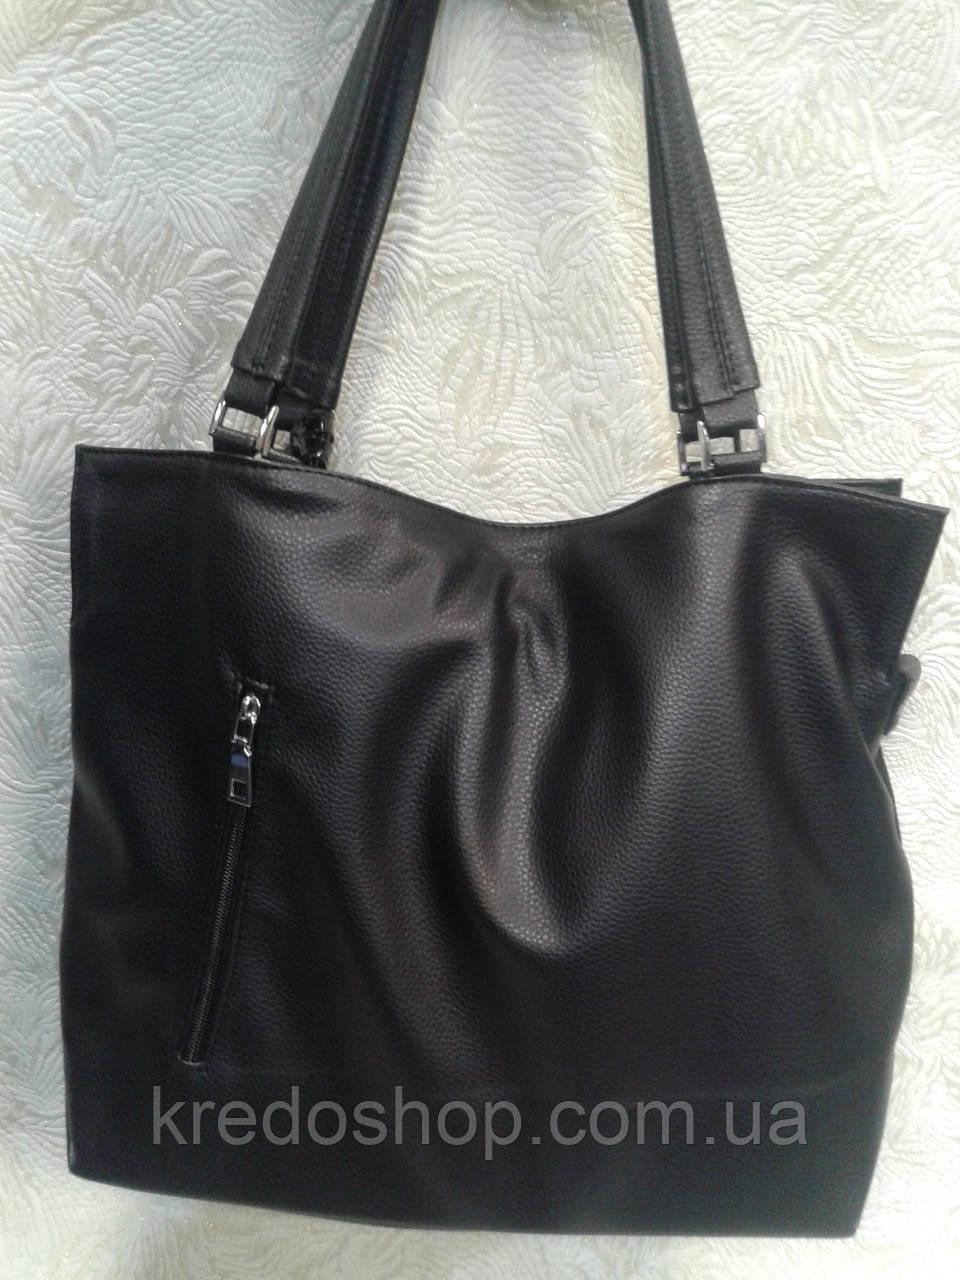 b62282c6f13b Женская сумка замшевая черная стильная вместительная, цена 819 грн., купить  в Кривом Роге — Prom.ua (ID#646230096)